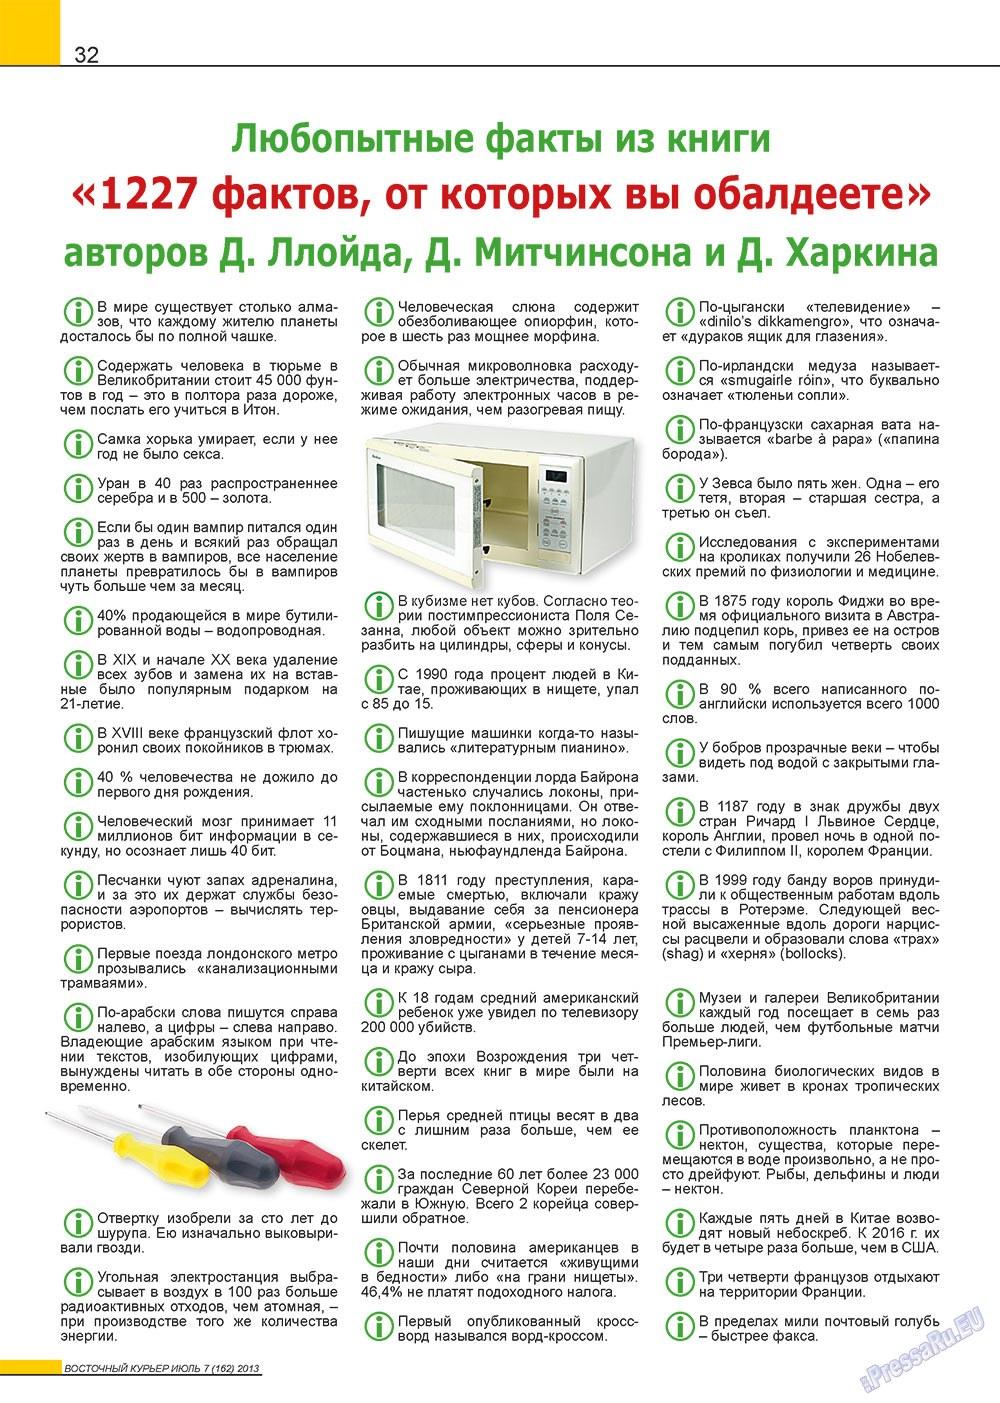 Восточный курьер (журнал). 2013 год, номер 7, стр. 32